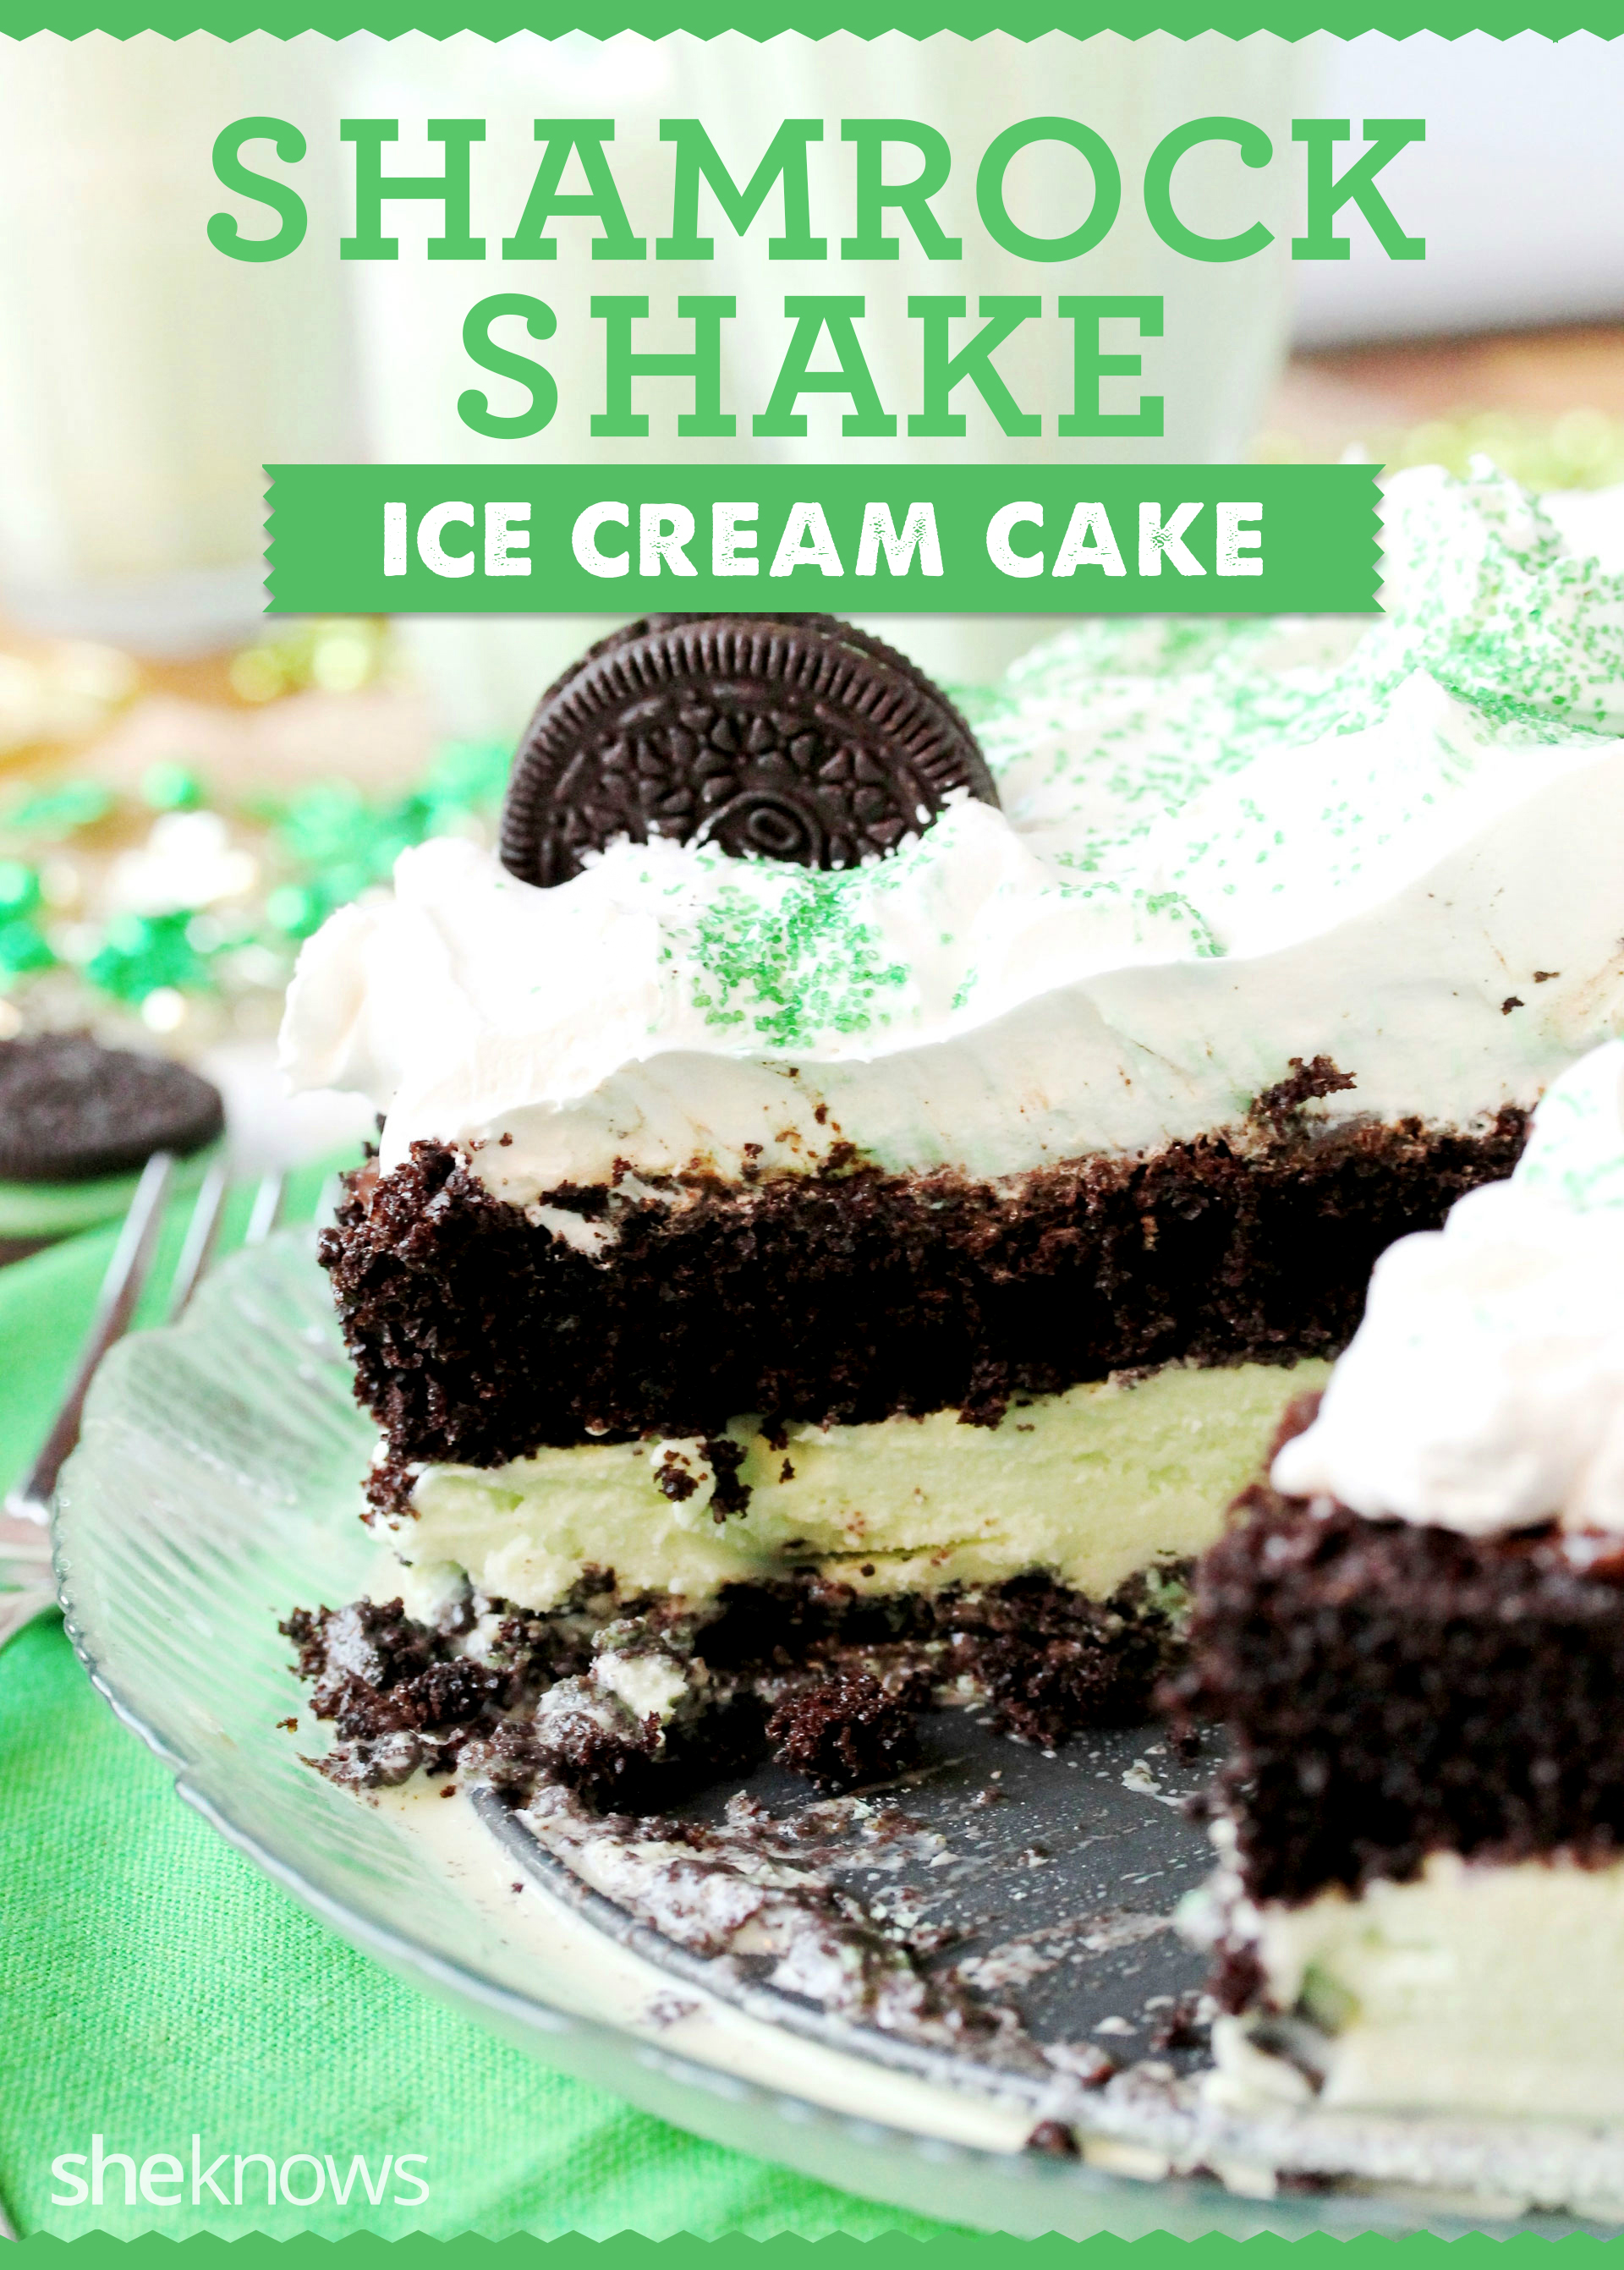 shamrock shake ice cream cake